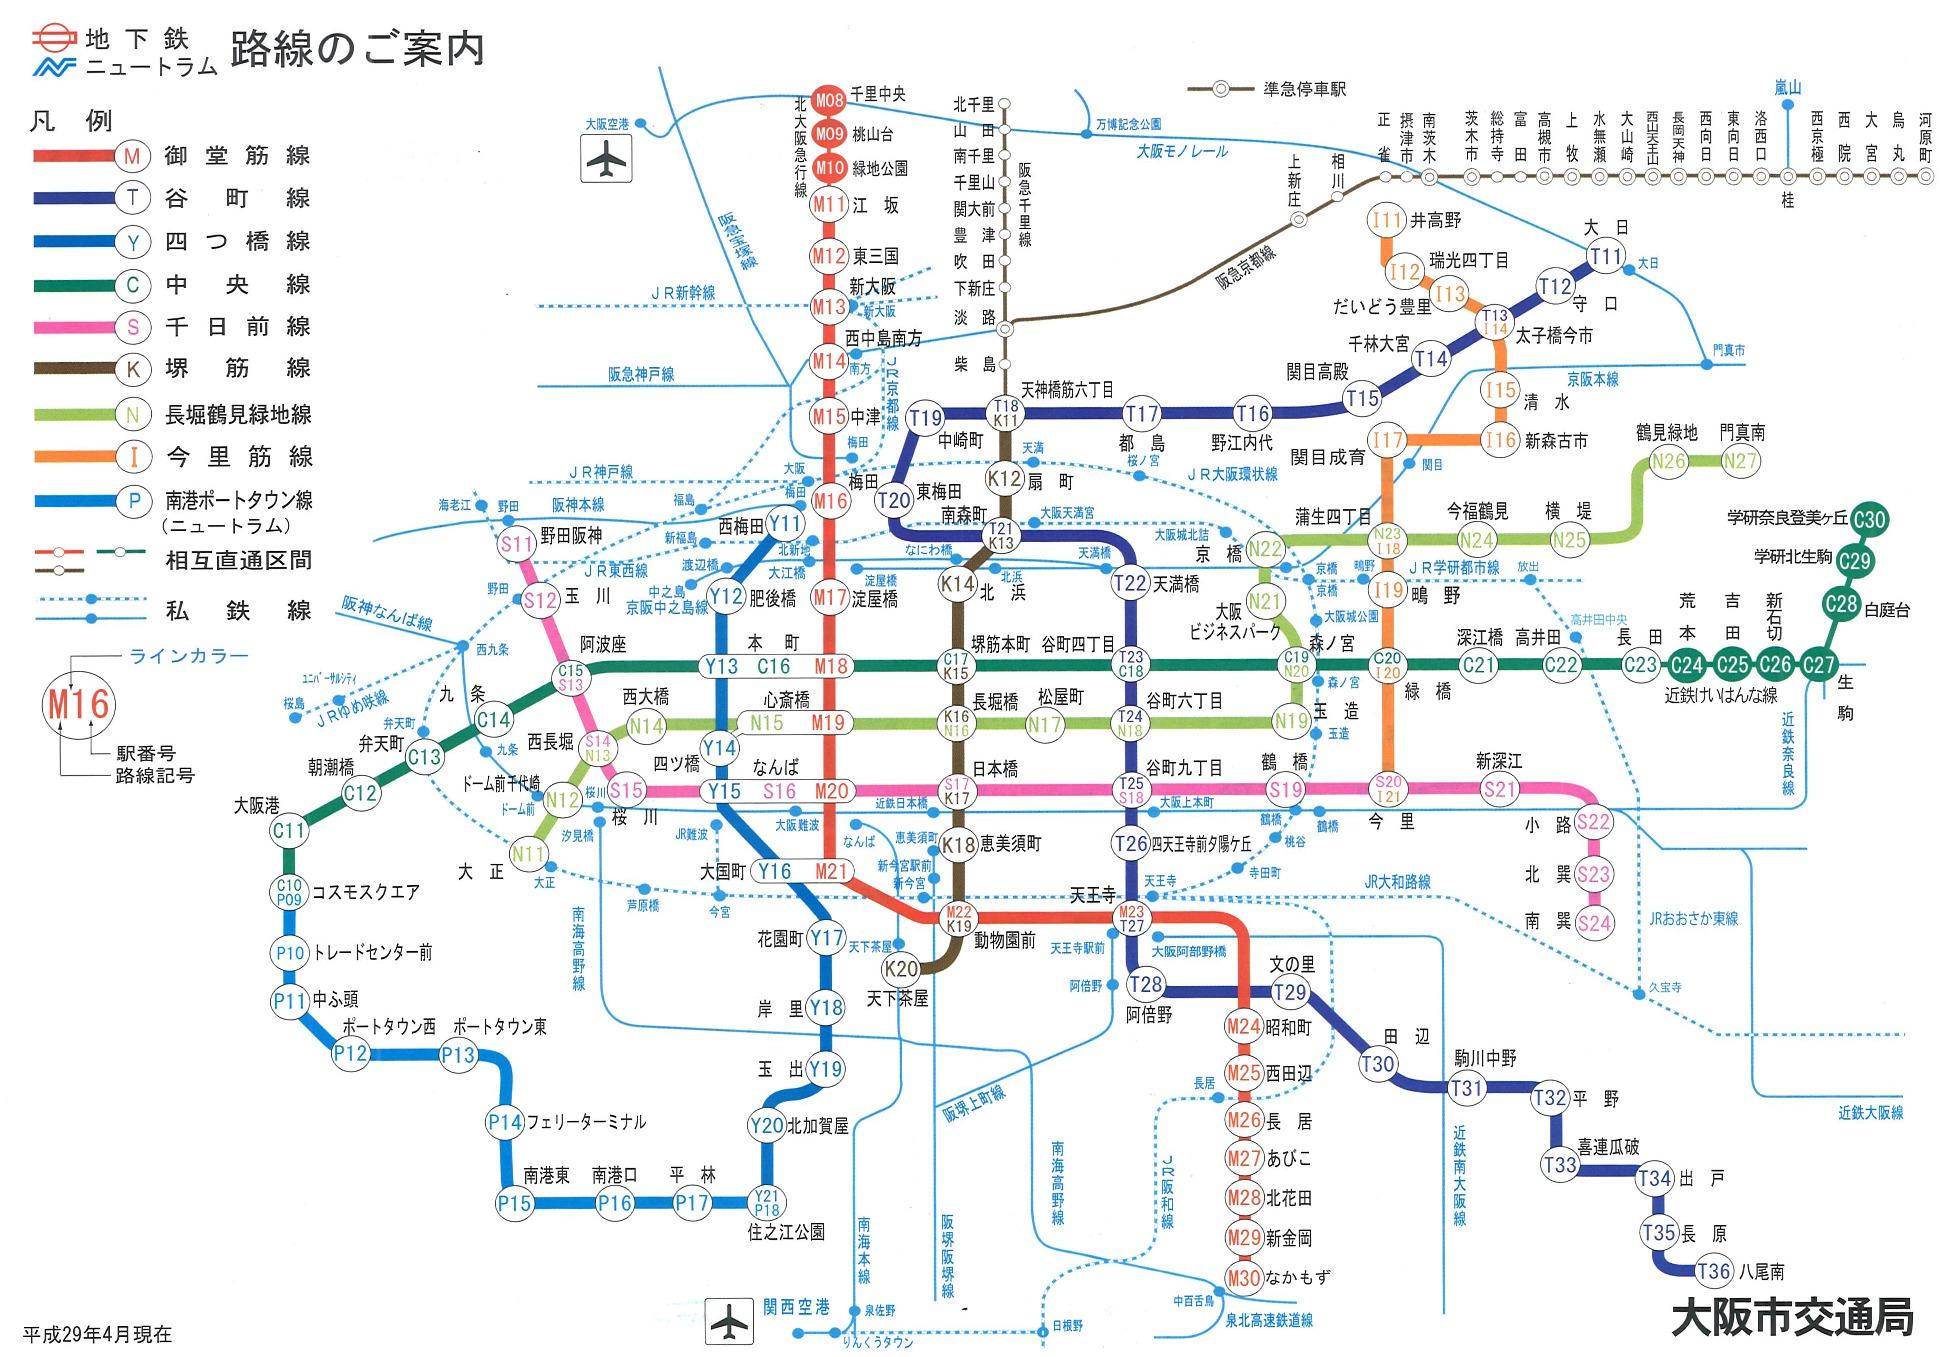 大阪 路線図(大阪メトロ)